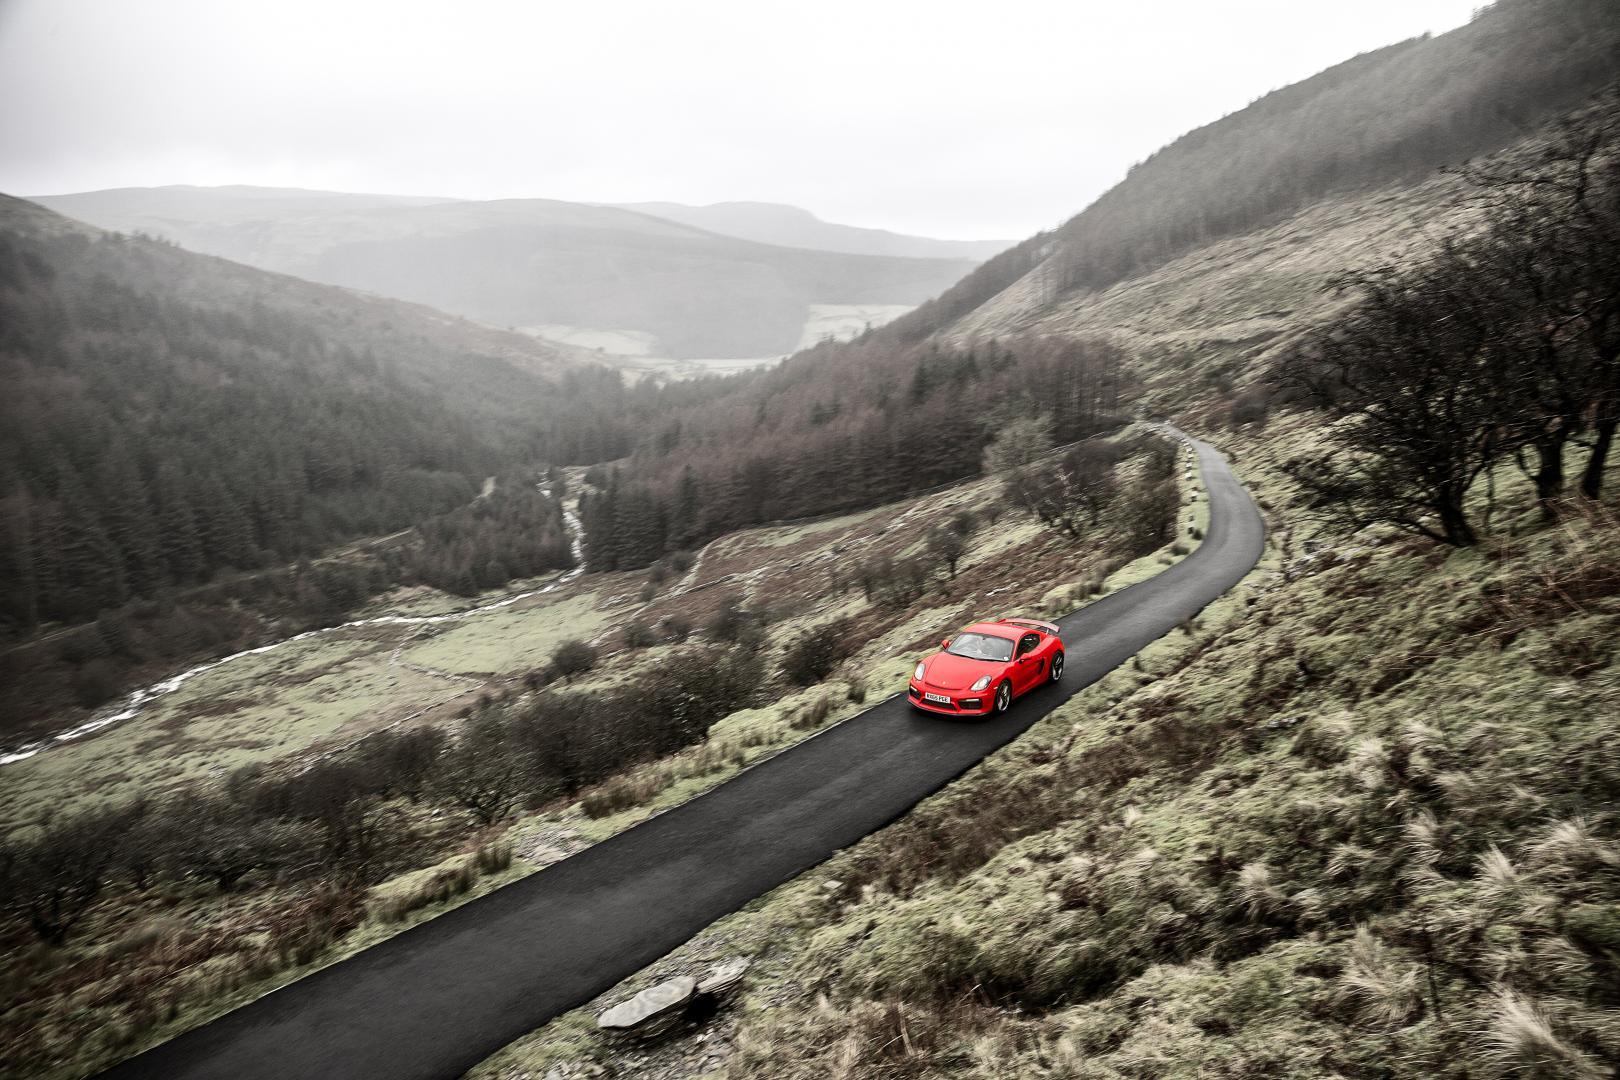 Afbeeldingsresultaat voor oude rode sportauto onderweg